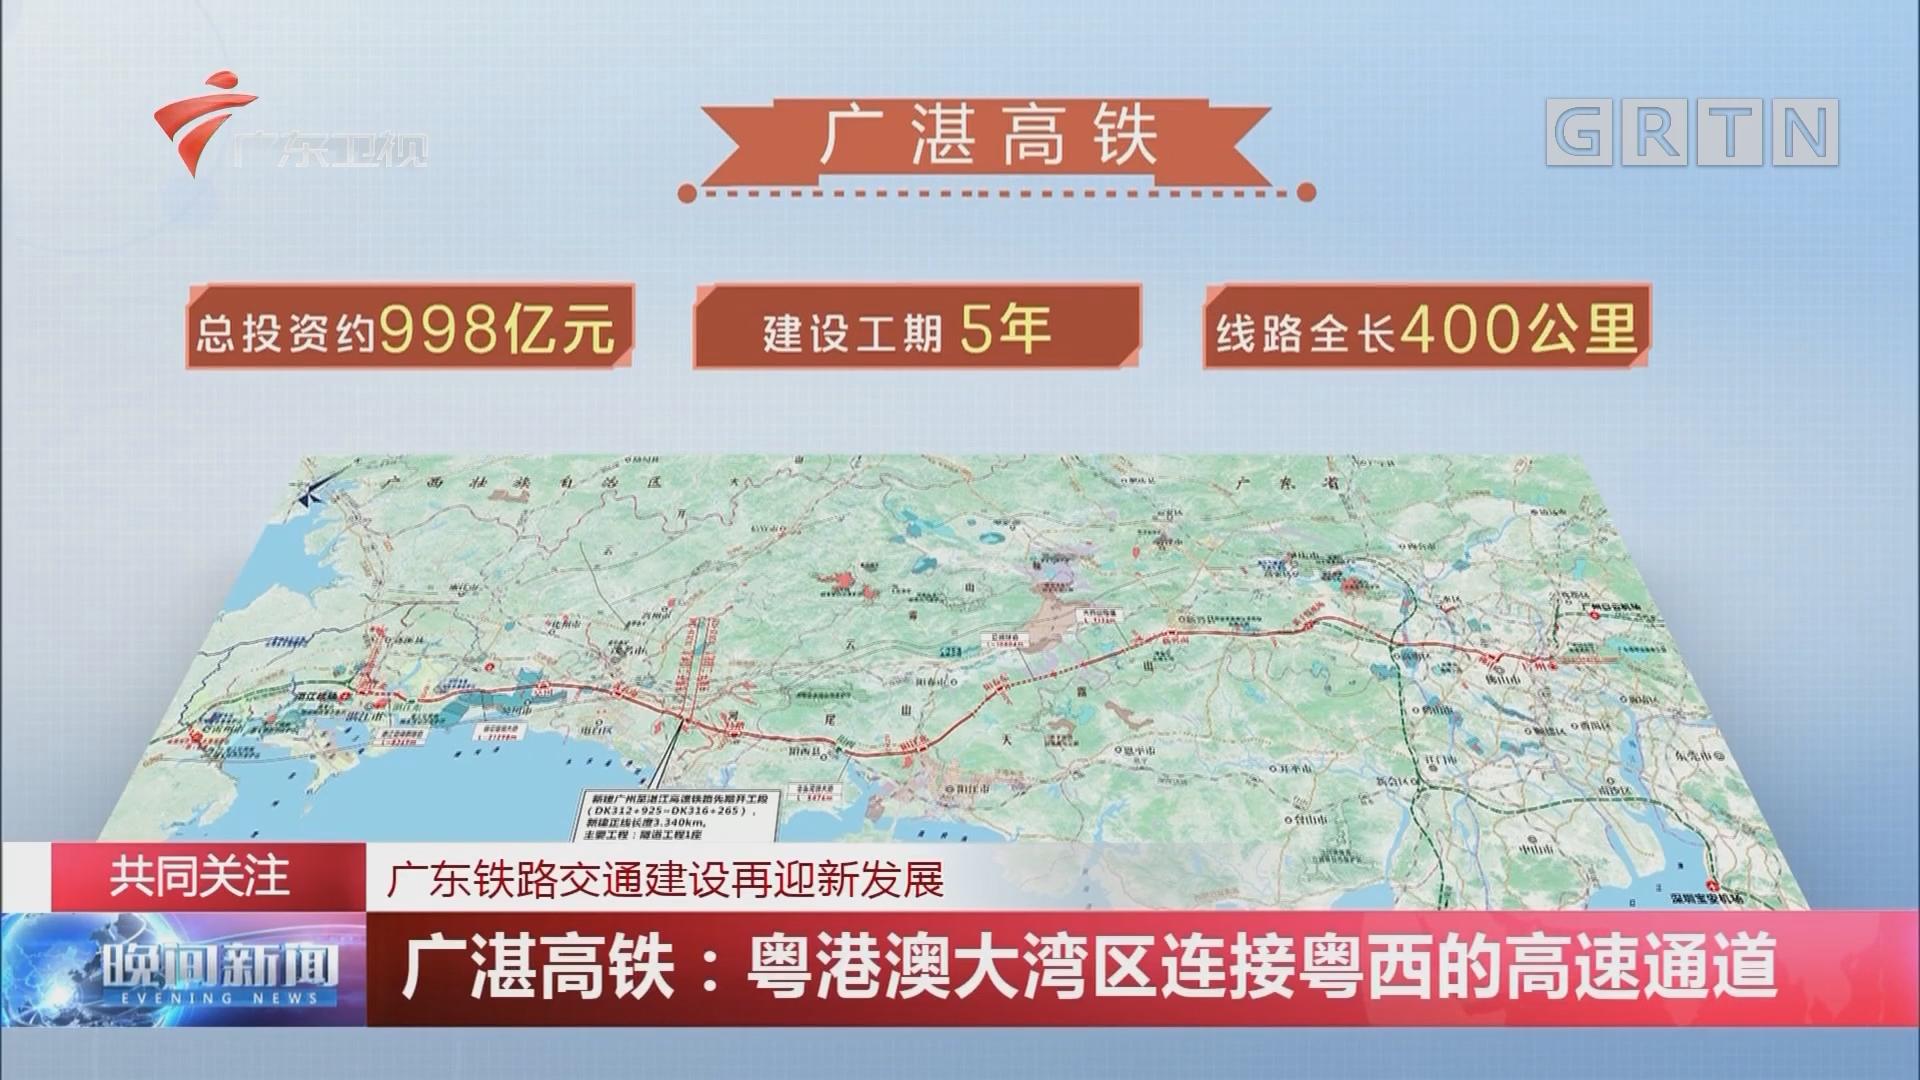 广东铁路交通建设再迎新发展 广湛高铁:粤港澳大湾区连接粤西的高速通道